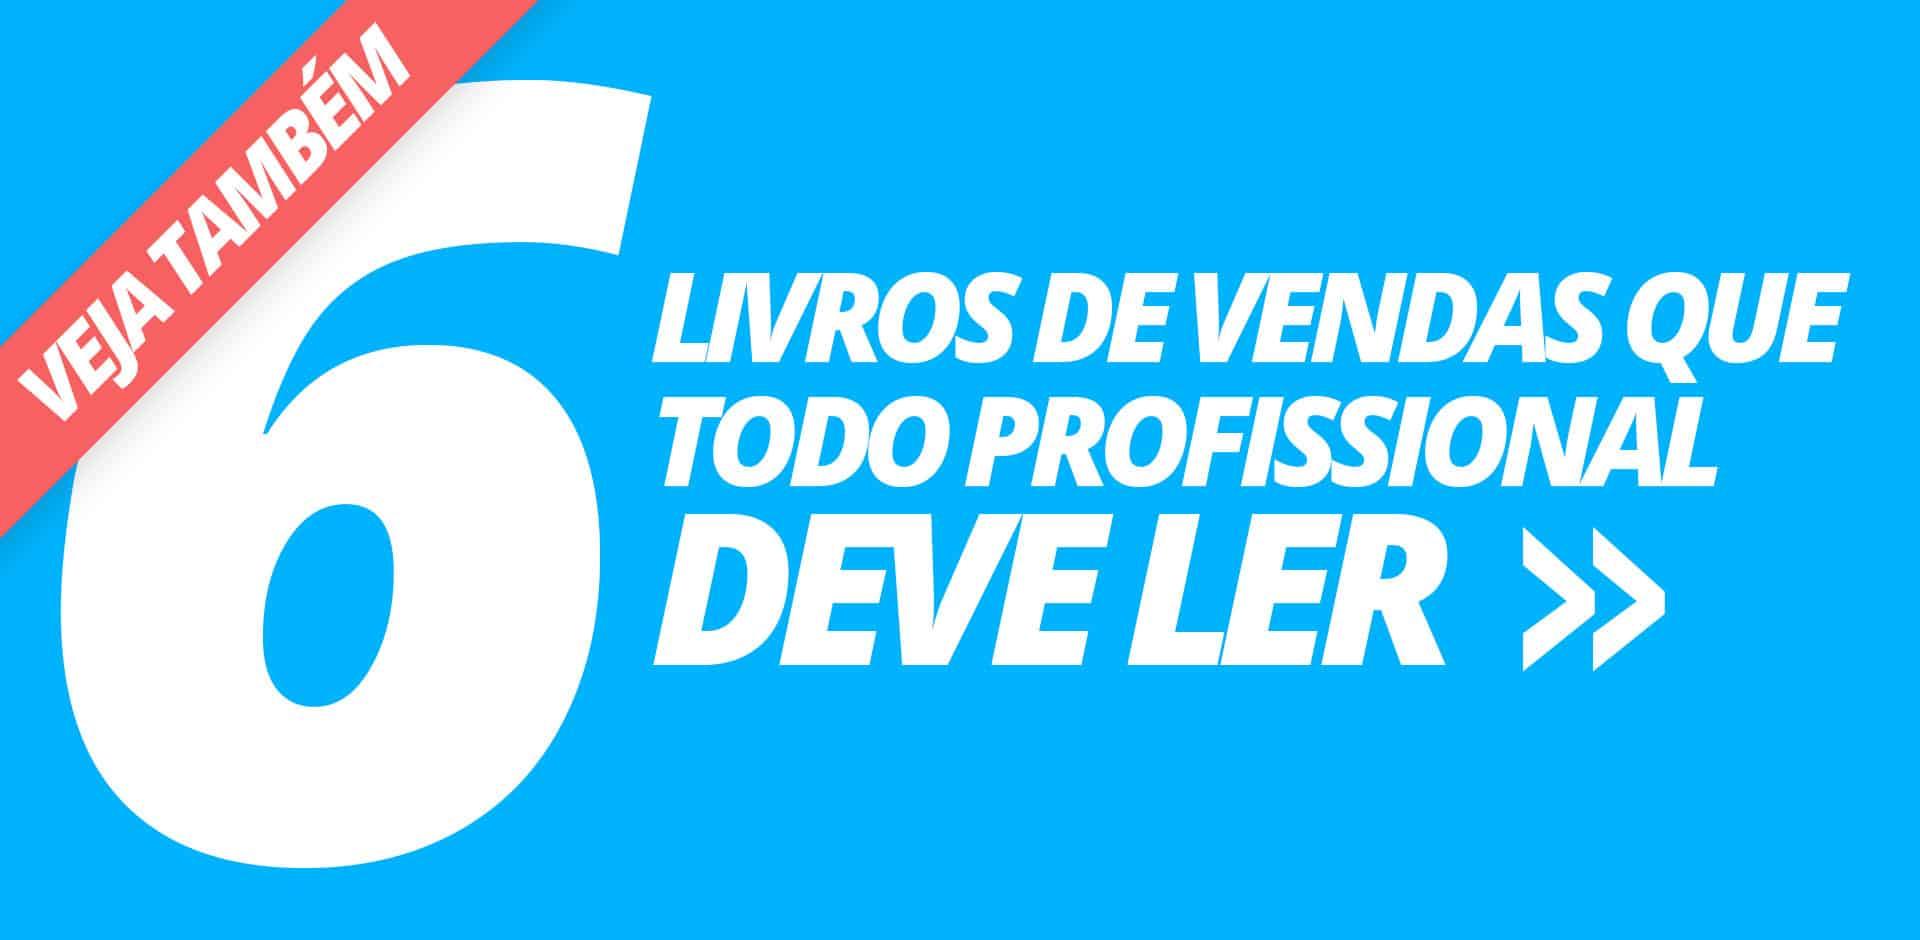 6 LIVROS DE VENDAS QUE TODO PROFISSIONAL DEVE LER